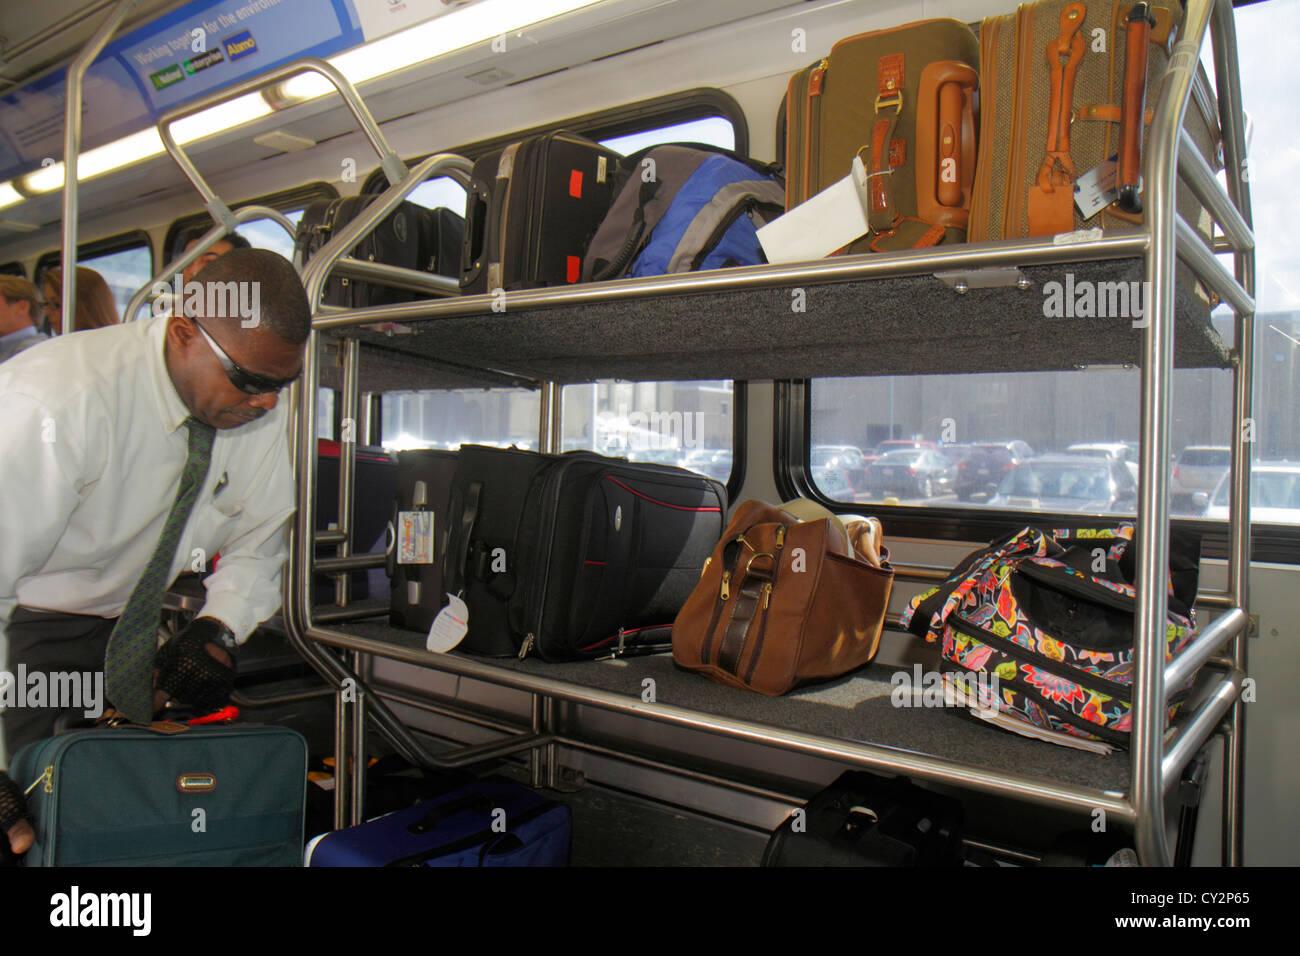 Rental Cars Inside Boston Logan Airport